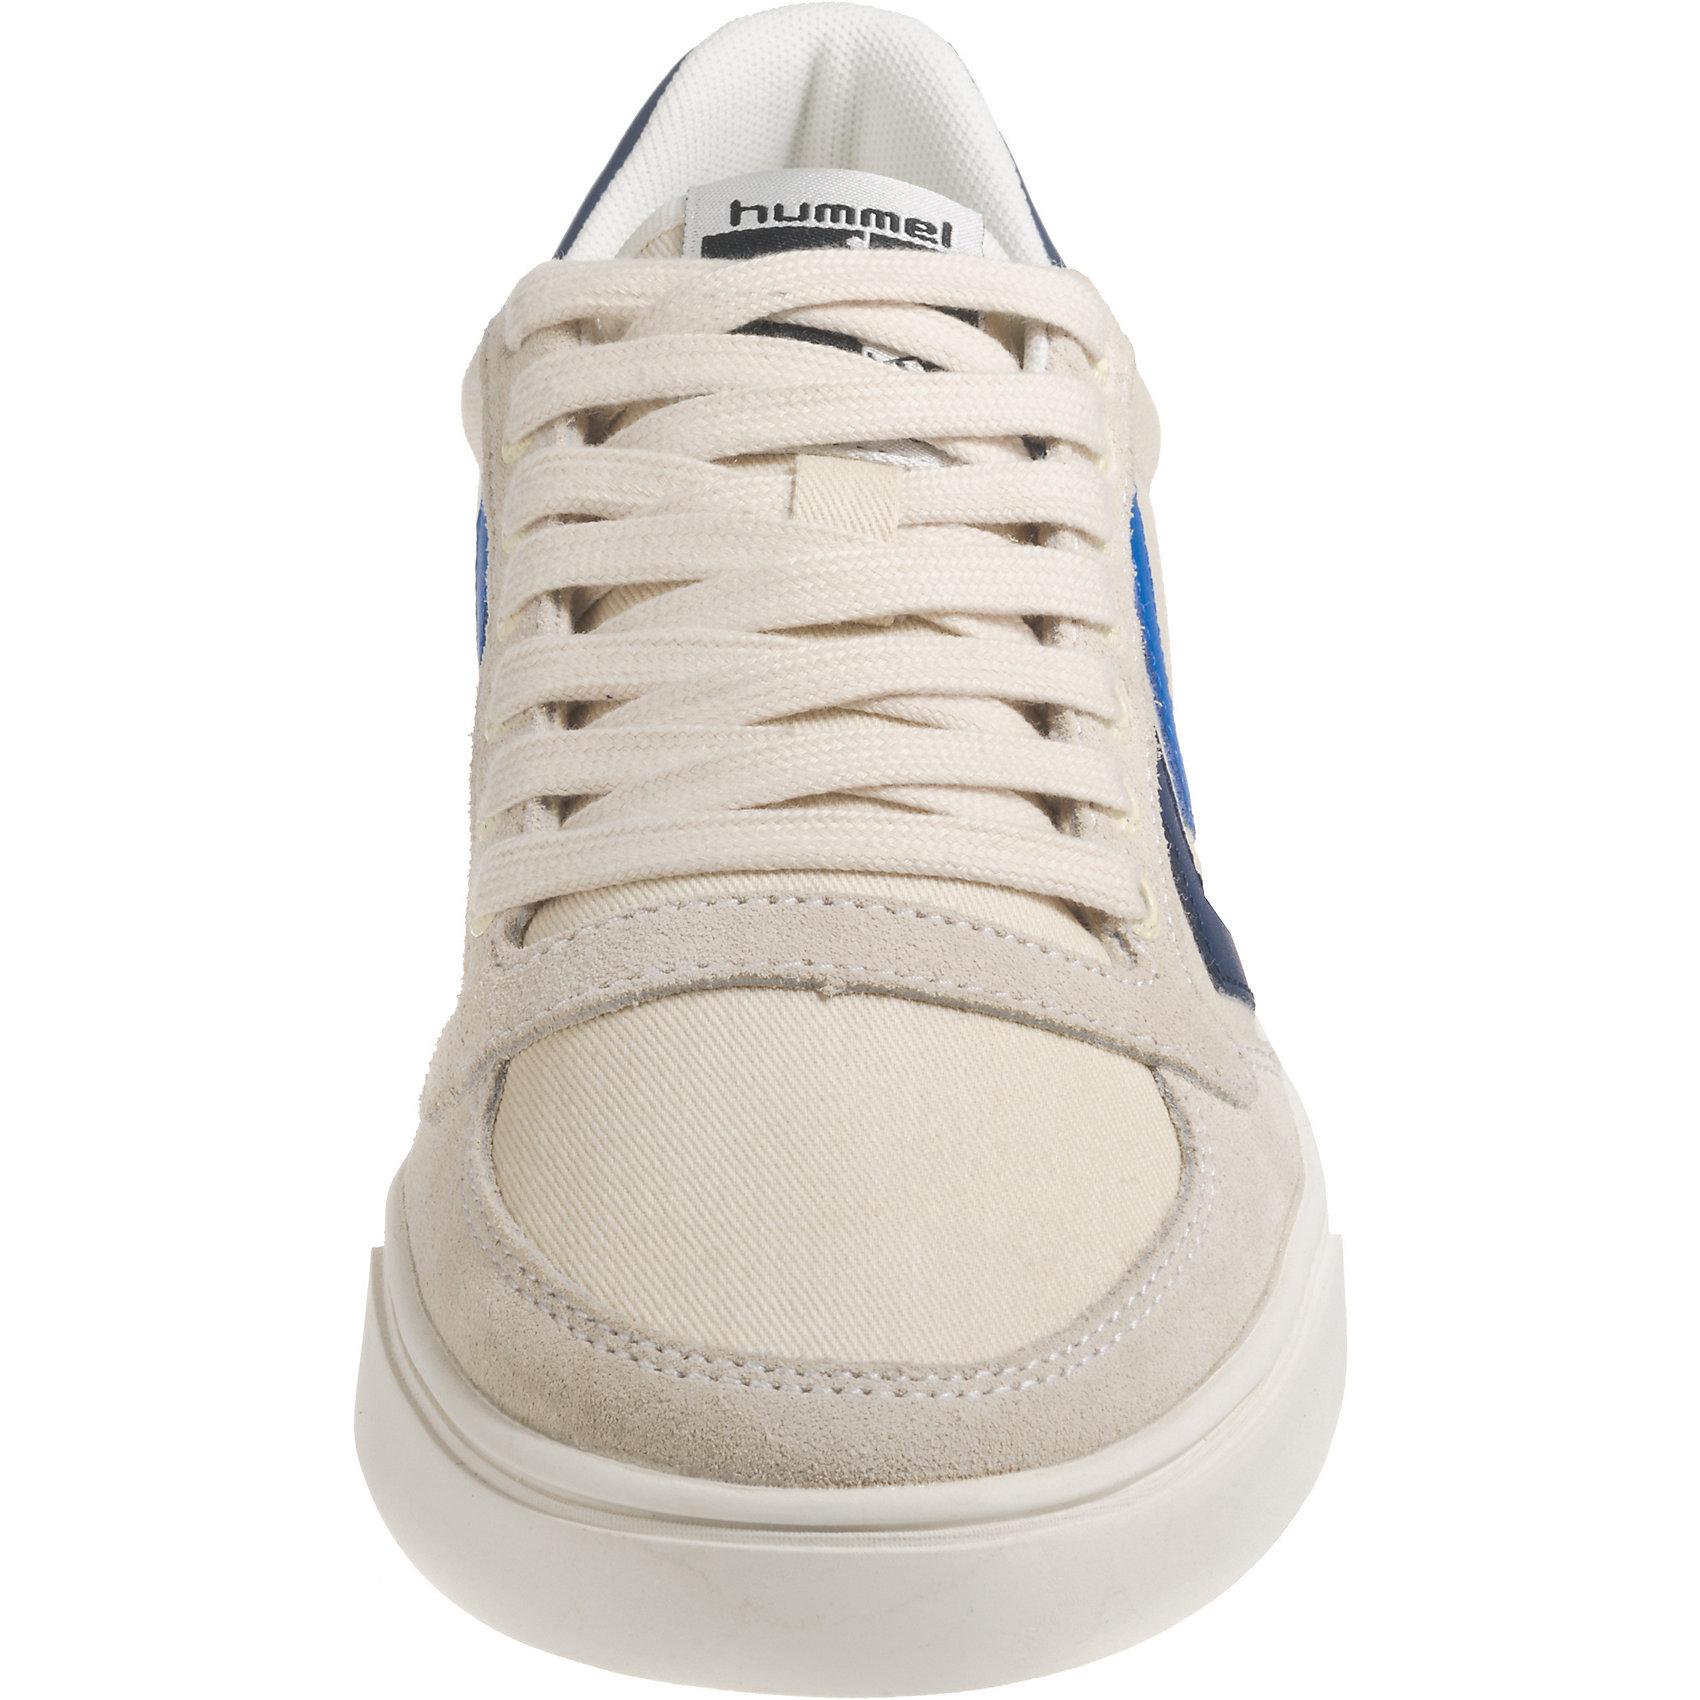 Neu hummel Slimmer für Stadil Duo Canvas Niedrig Sneakers Niedrig 7147348 für Slimmer Damen 4a7f22